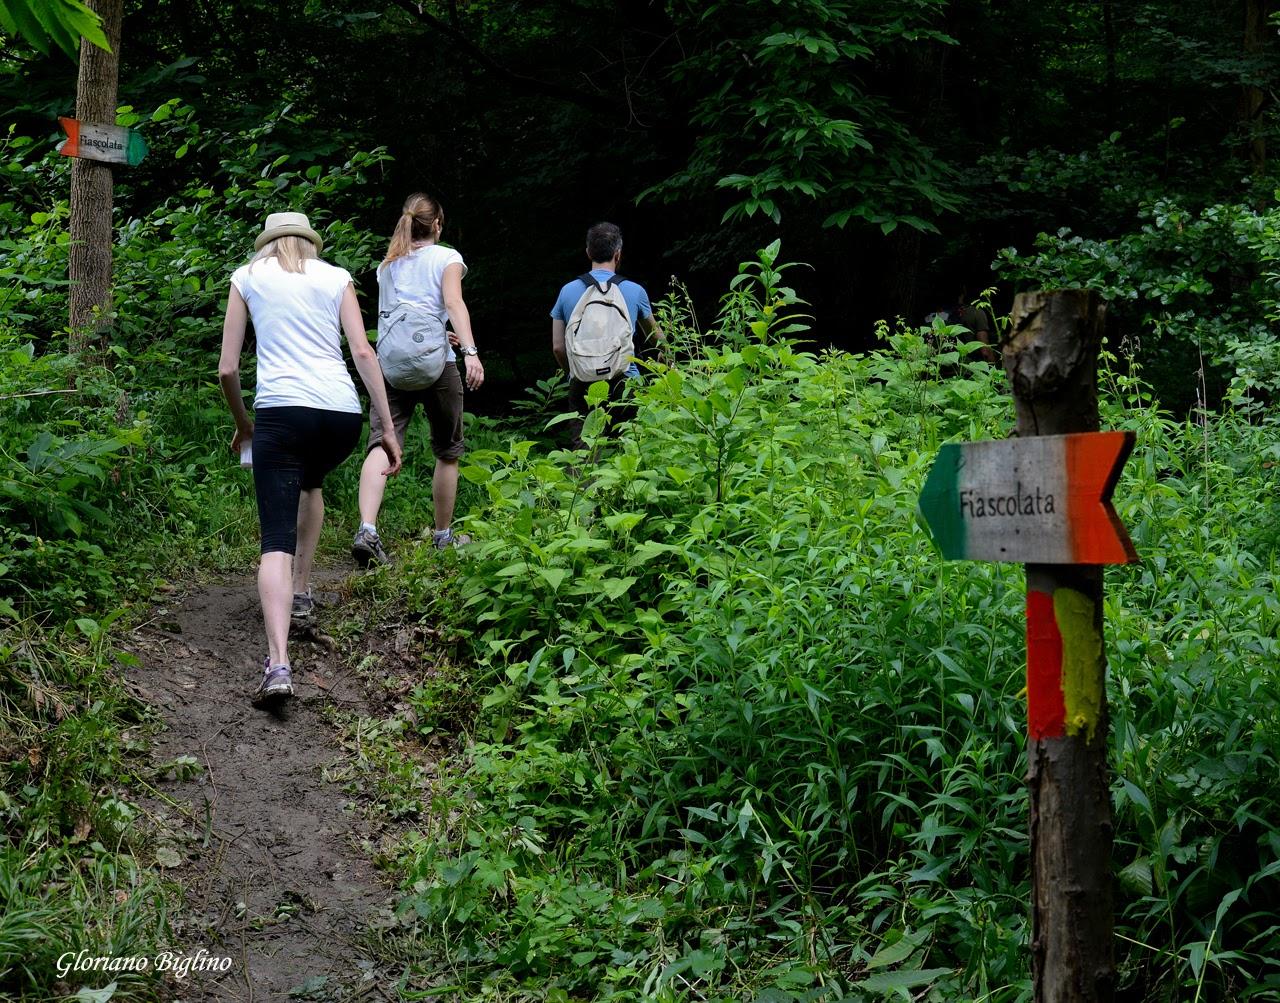 La Fiascolata di Dego: enogastronomia, ecologia ed escursionismo per AISLA